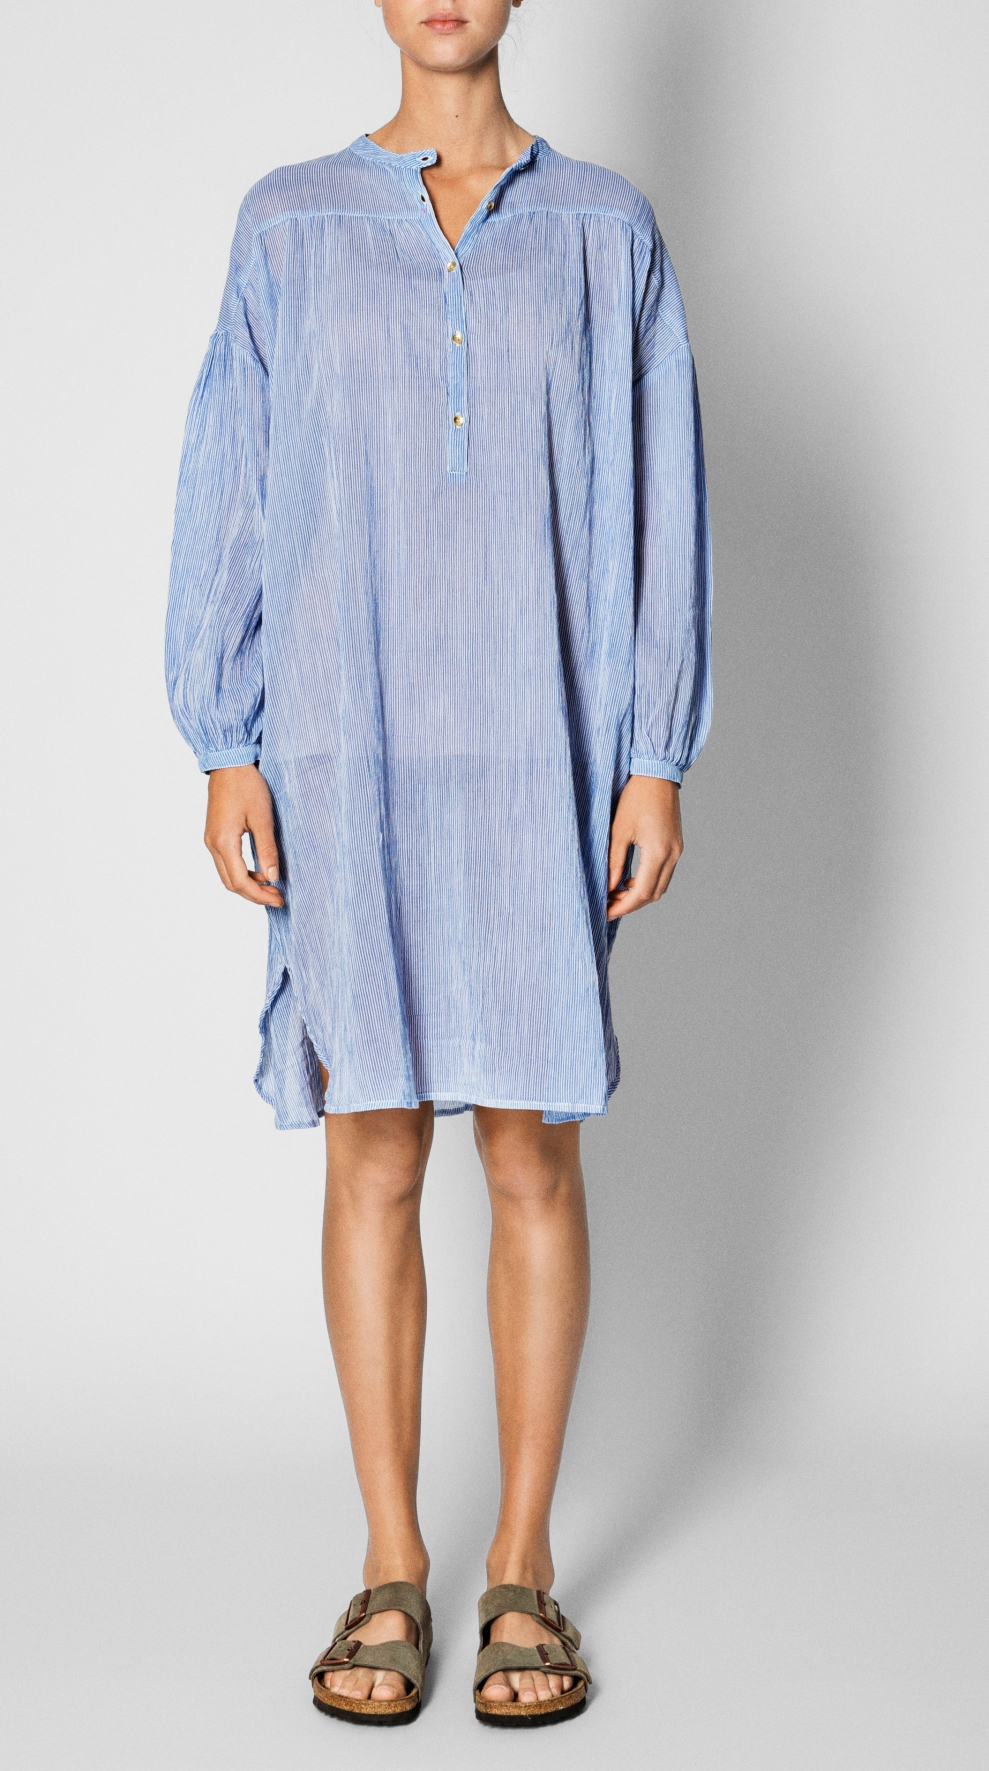 Aiayu_2018_VOL_1_Wear_gaucho_dress_mix_blue